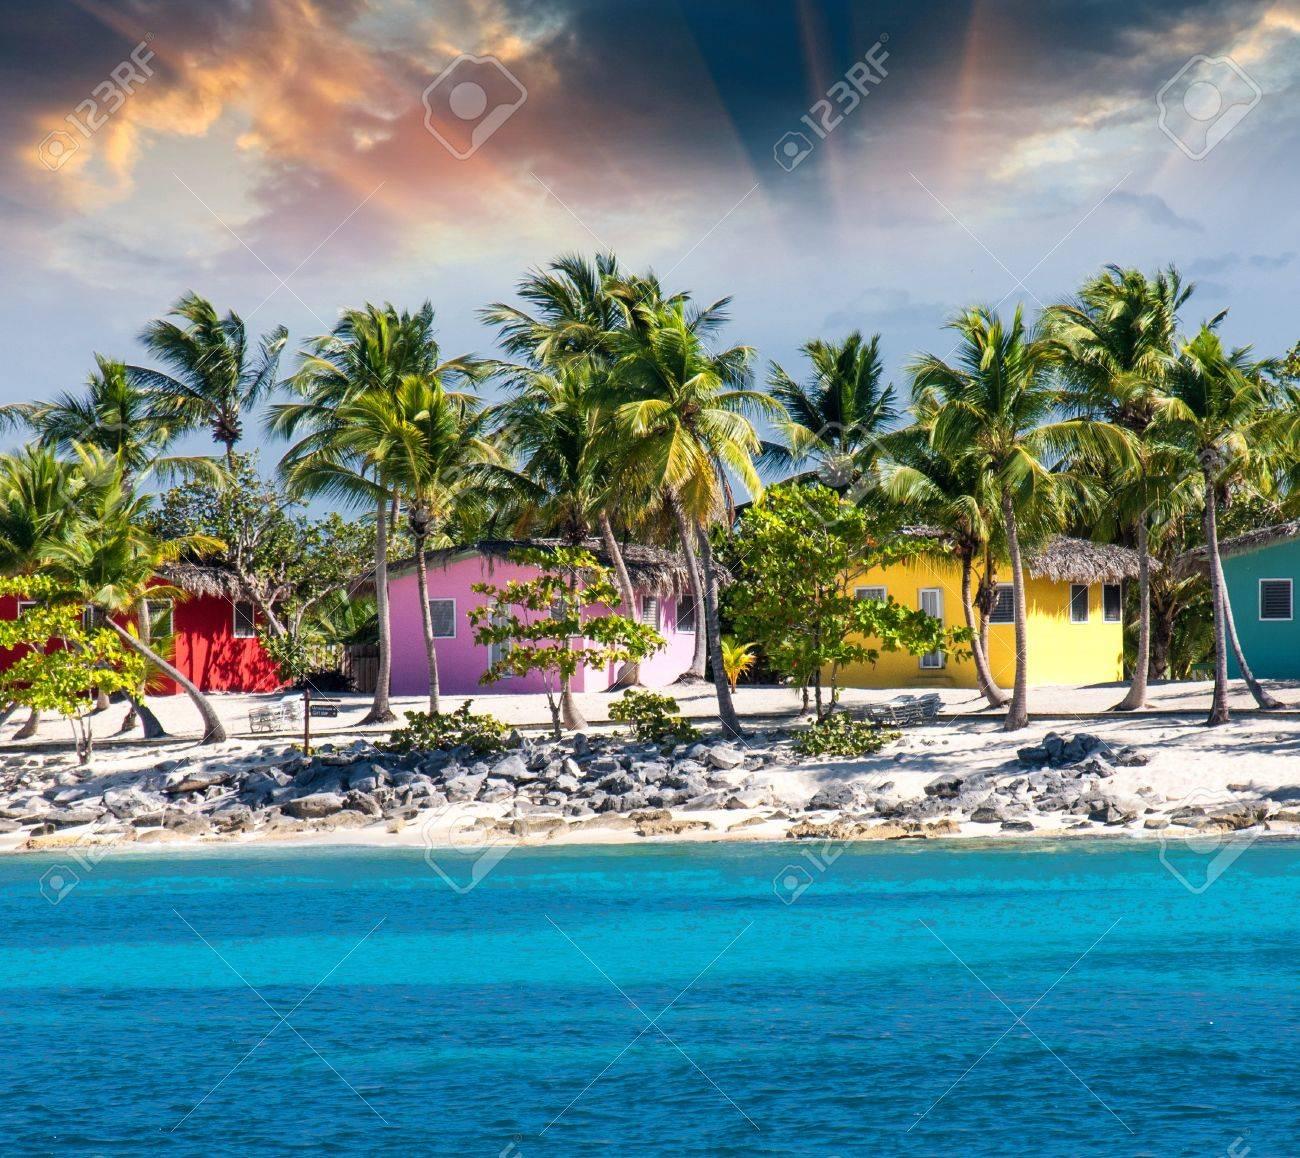 Strandhaus karibik  Karibik Schönen Strandhaus Mit Kokosnüssen Bäume, Santo Domingo ...